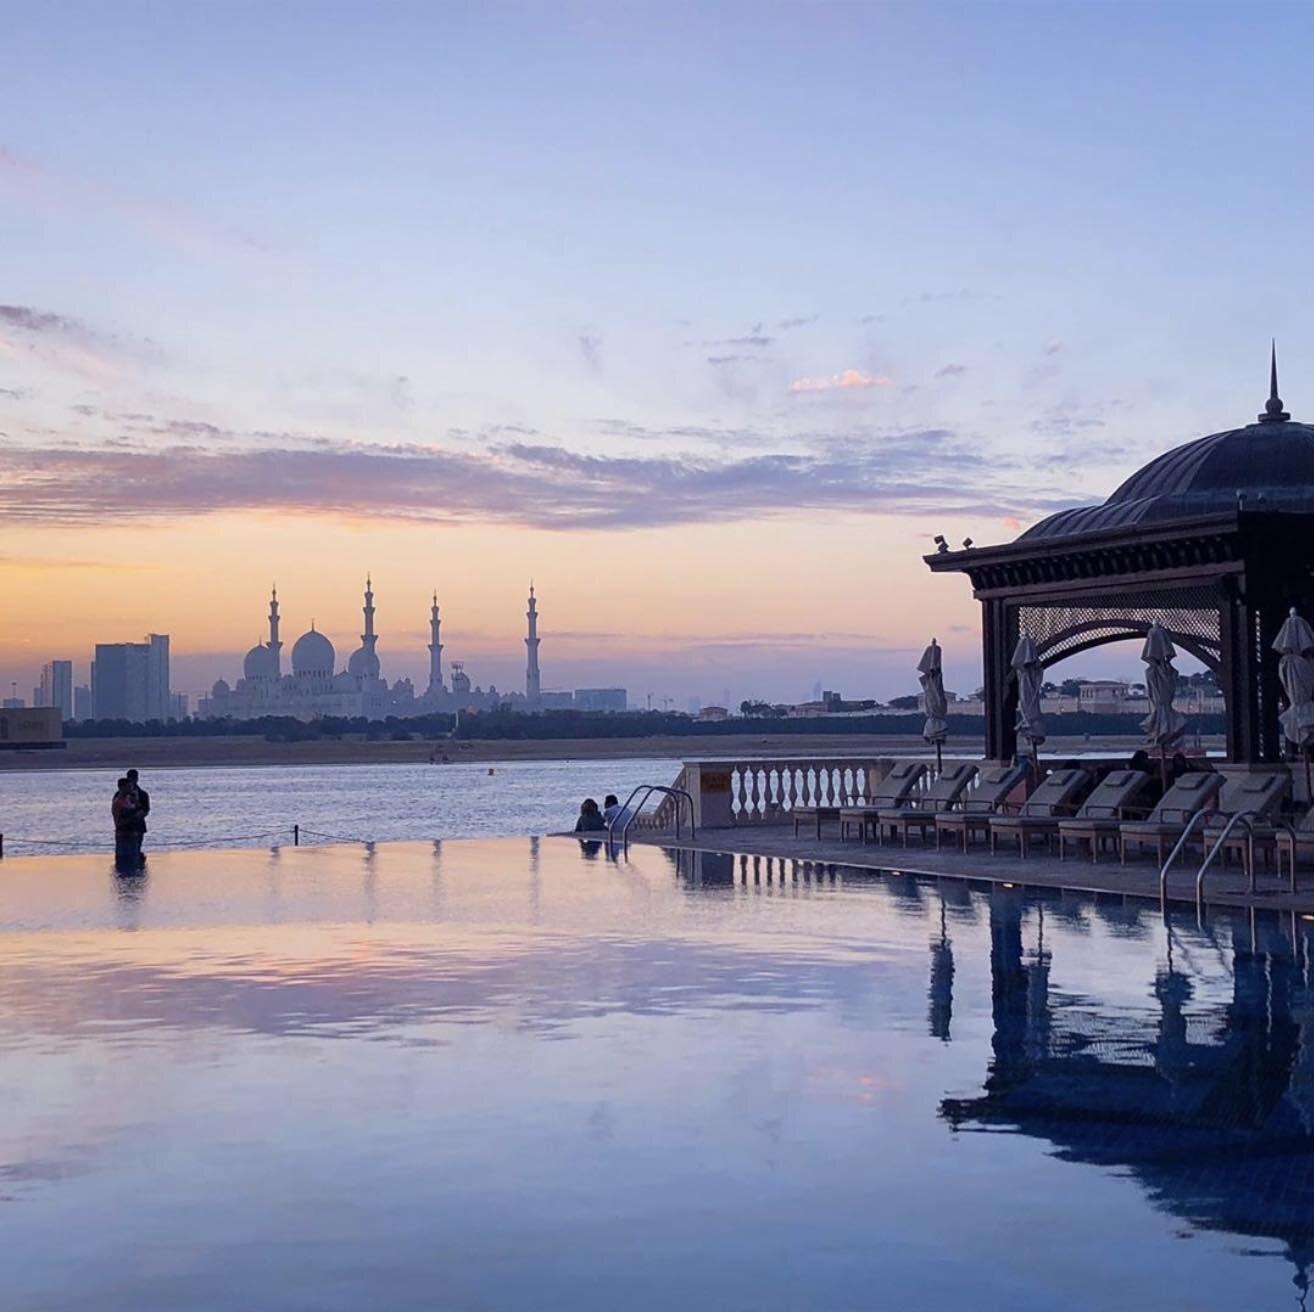 @fimapics in Abu Dhabi